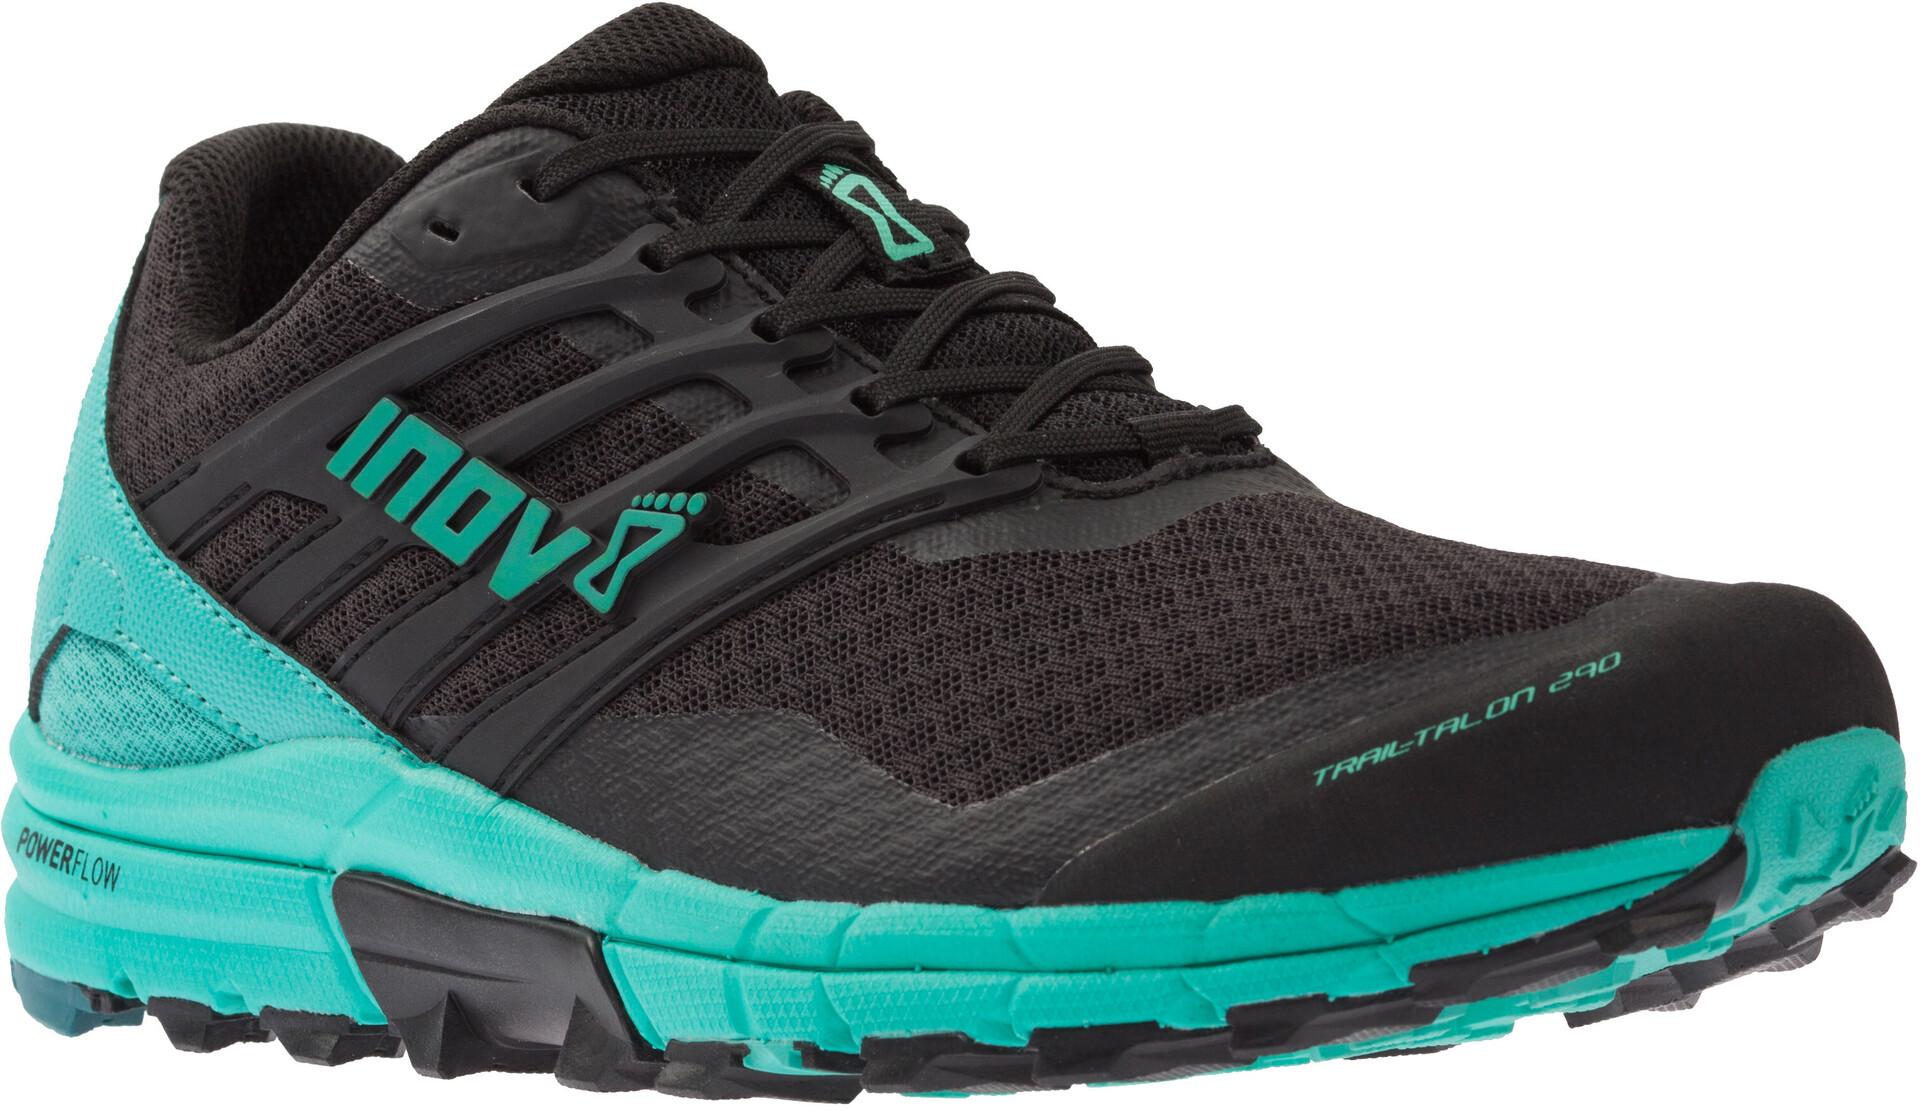 INOV-8 Trailtalon 290 Chaussures de Course /à Pied pour Femme Noir 7